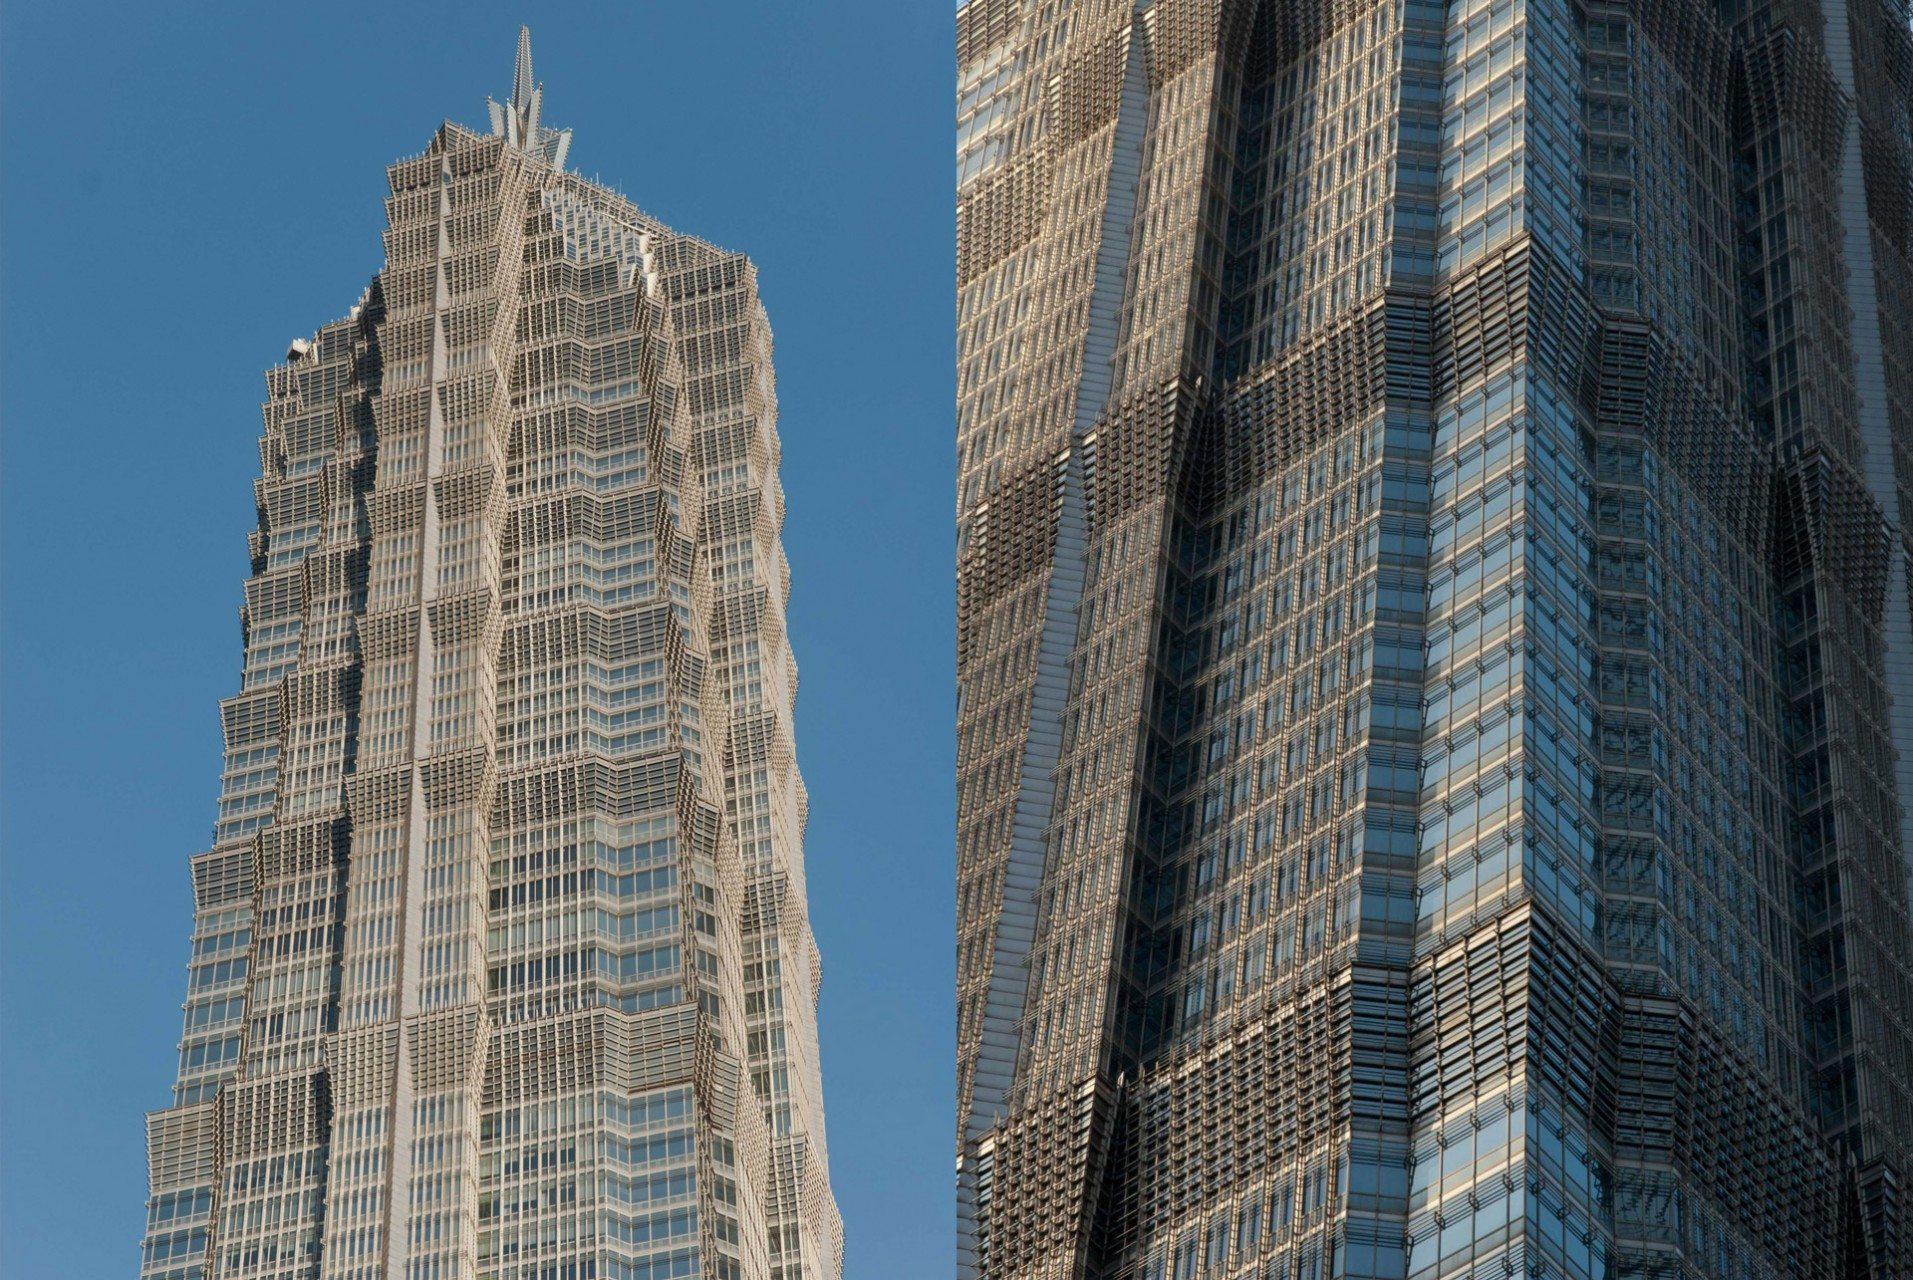 Jin Mao Tower. 1999, - Shanghai, Pudong, Lujiazui. Architekt: Adrian Smith SOM. Der Jin Mao Tower bedeutet übersetzt: Üppiges, goldenes Hochhaus. Der Name ist Programm! Auf der Besucherplattform hat man die Möglichkeit in die Mitte des Hotels, der auch gleichzeitig der Flur des Hotels ist, zu sehen. Nicht nur die Höhe beeindruckt, sondern auch der gold-glänzende Flur. Da die Zahl 8 im chinesischen Glück bedeutet, hat der Tower 88 Stockwerke.